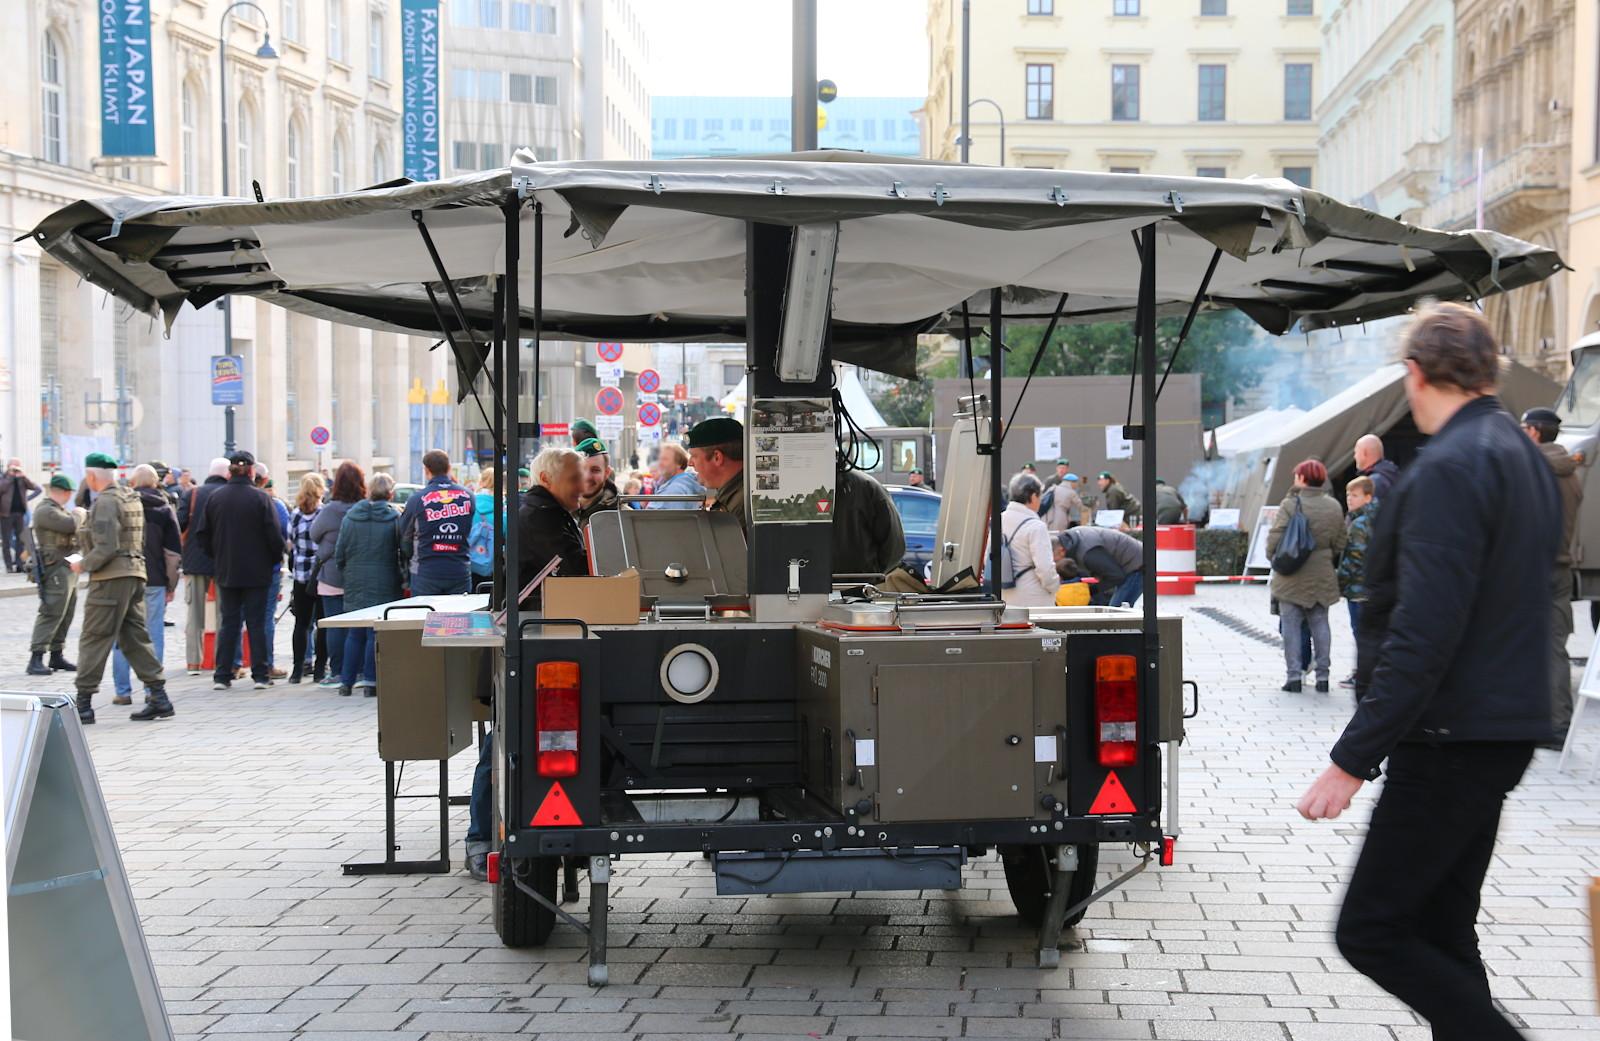 Feldküche 2000 von Kärcher - sag niemals Gulaschkanone zu ihr! © Doppeladler.com